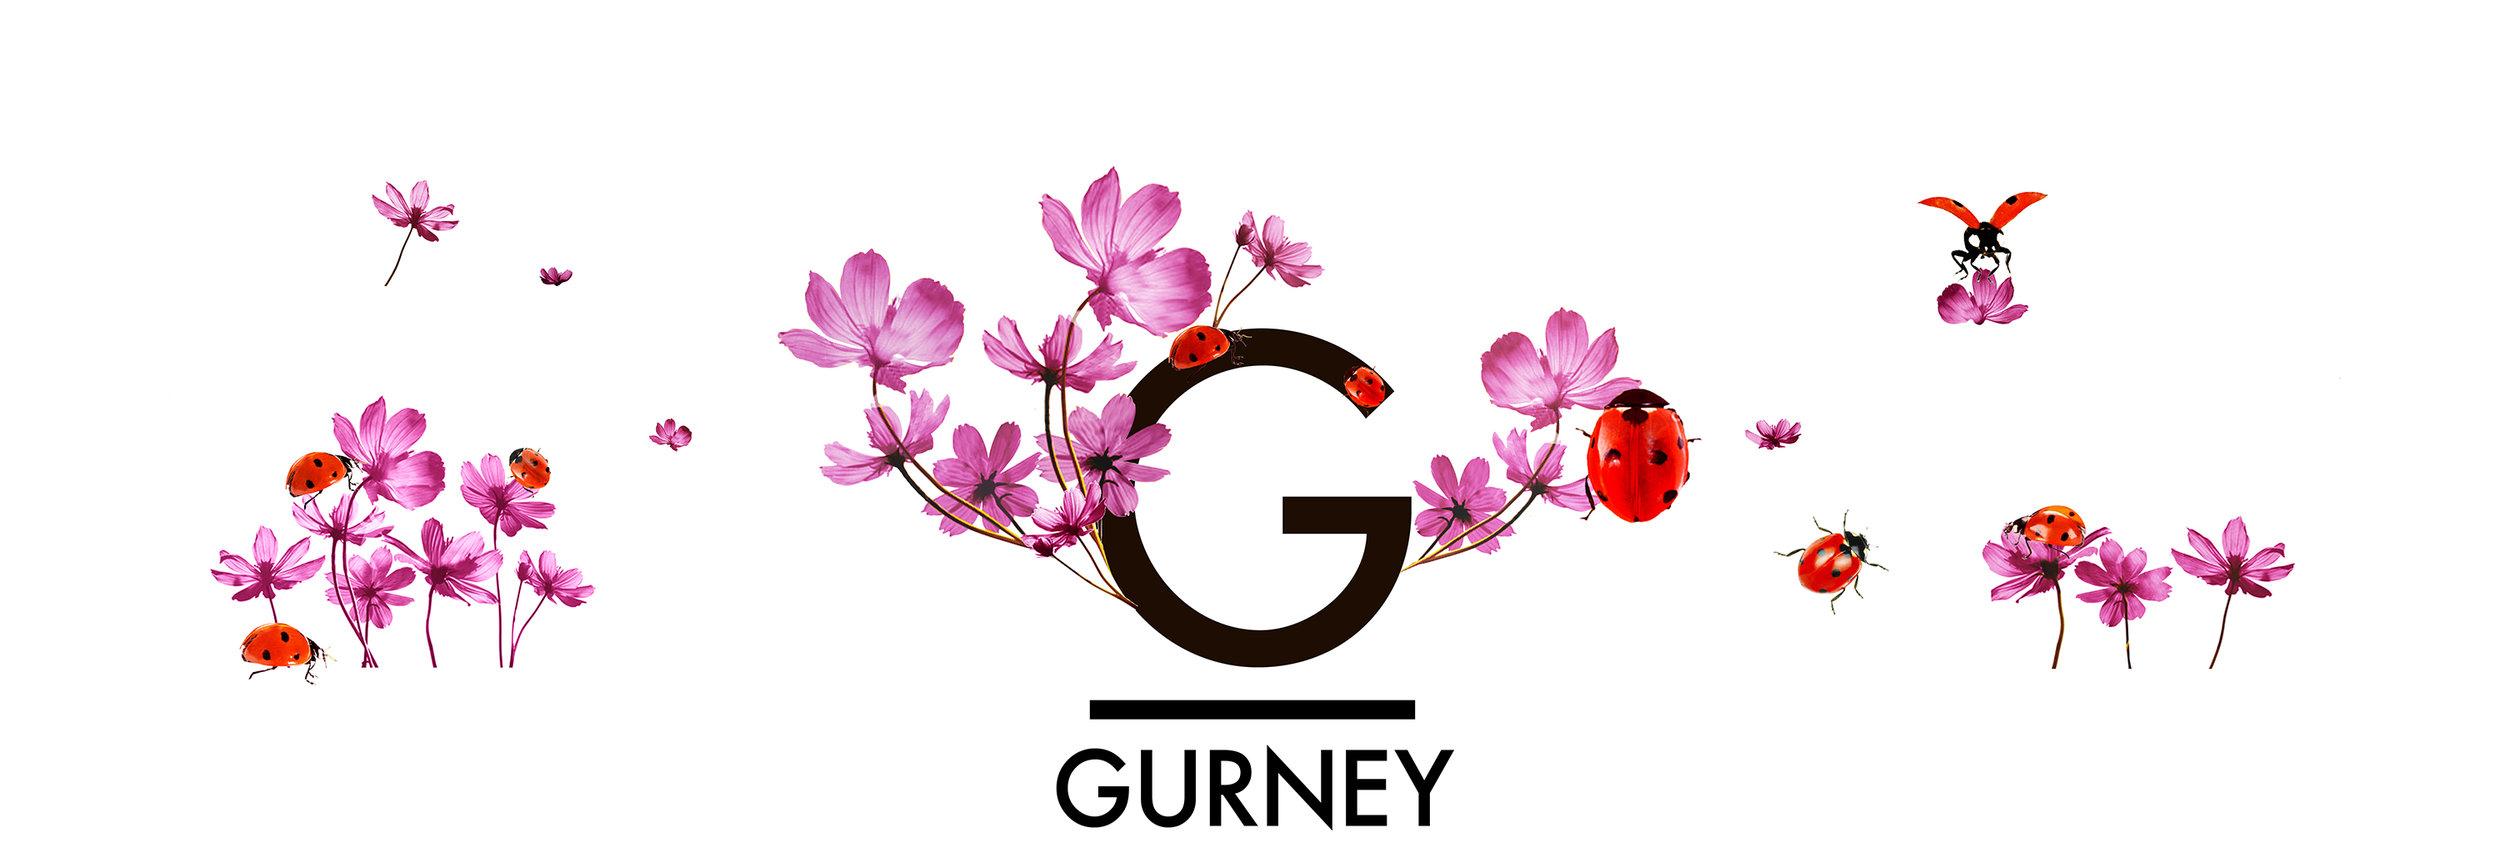 whwWeb_Arkadia_Corridor_Gurney.jpg